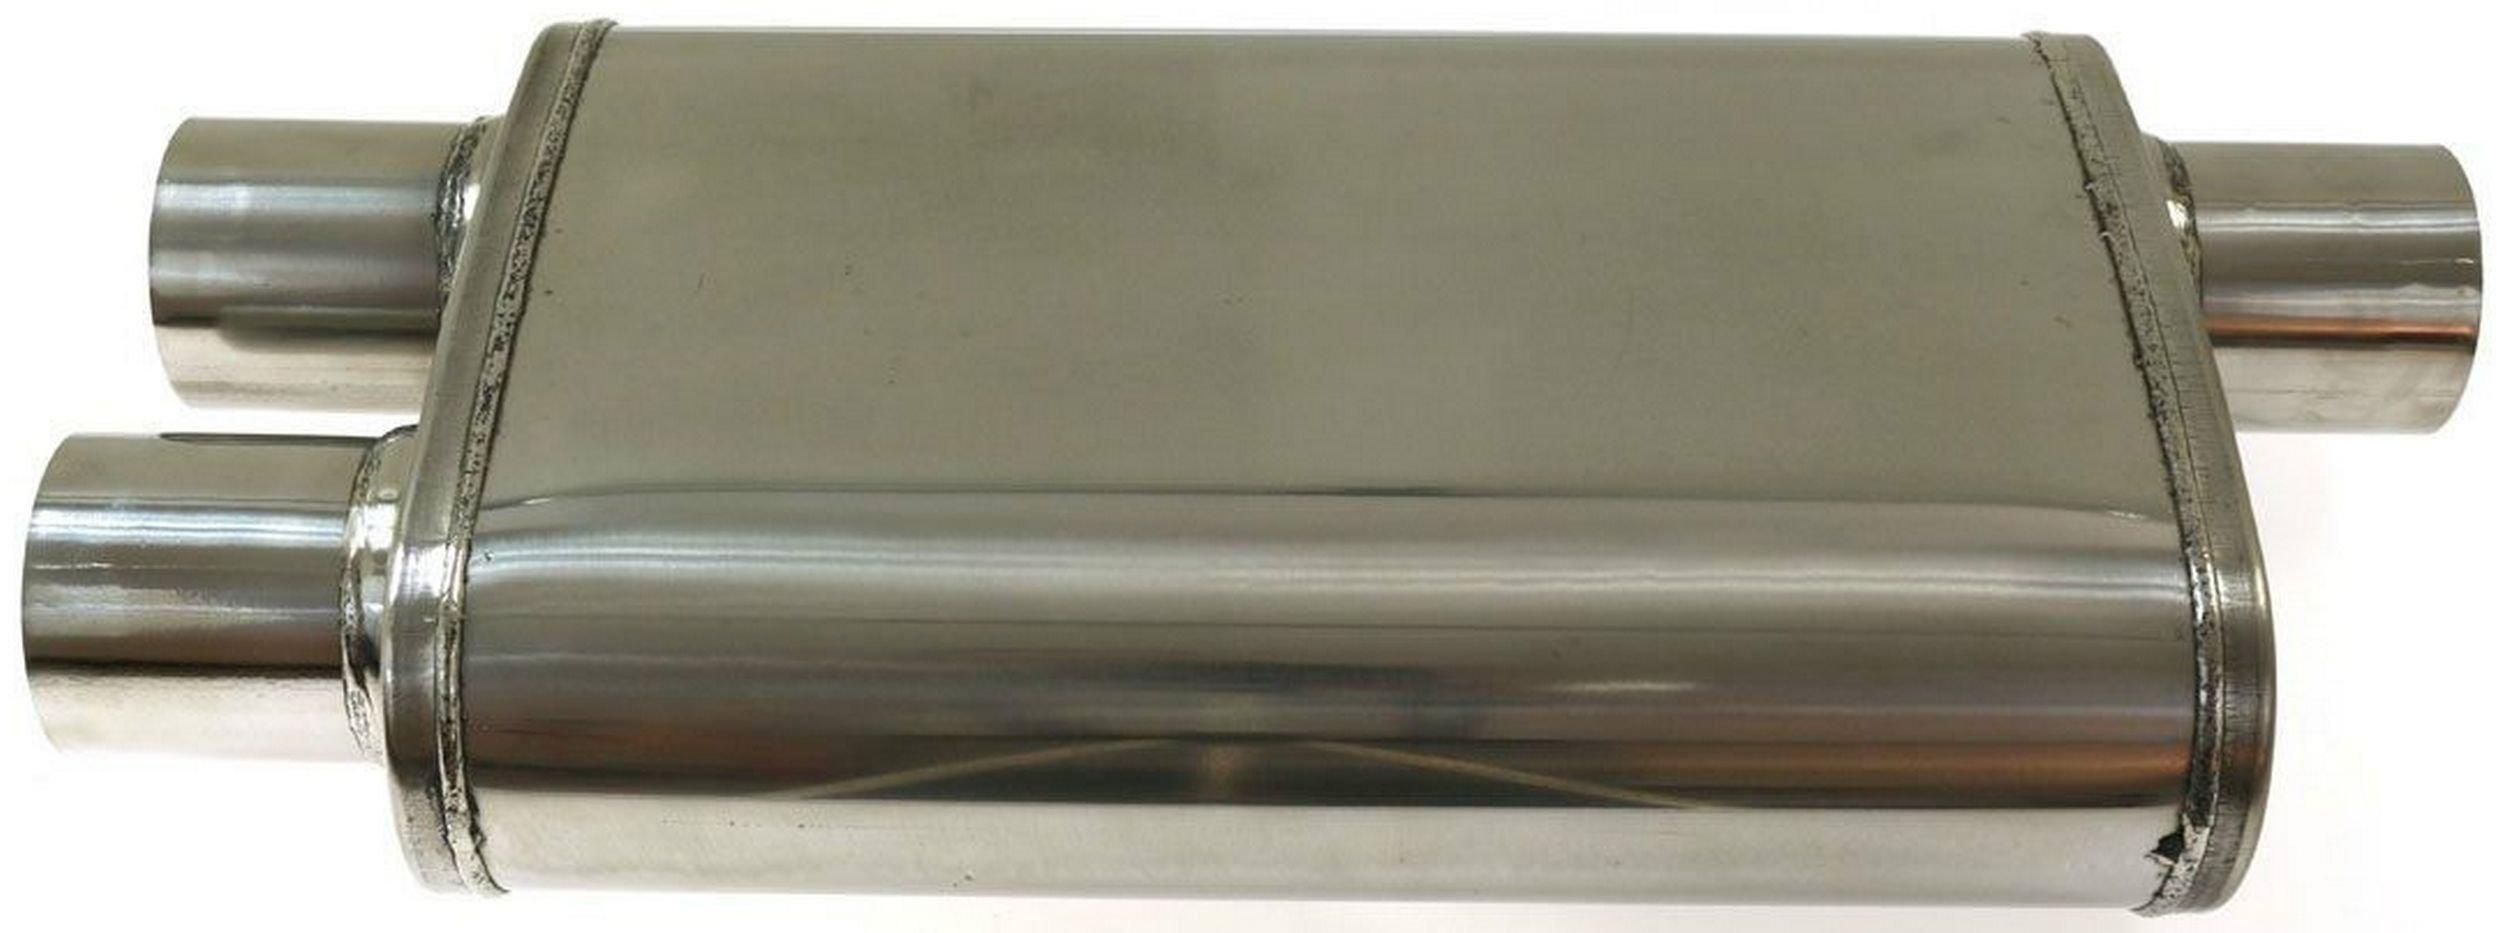 глушитель Средний спортивный задняя панель 2 5'' сталь 409